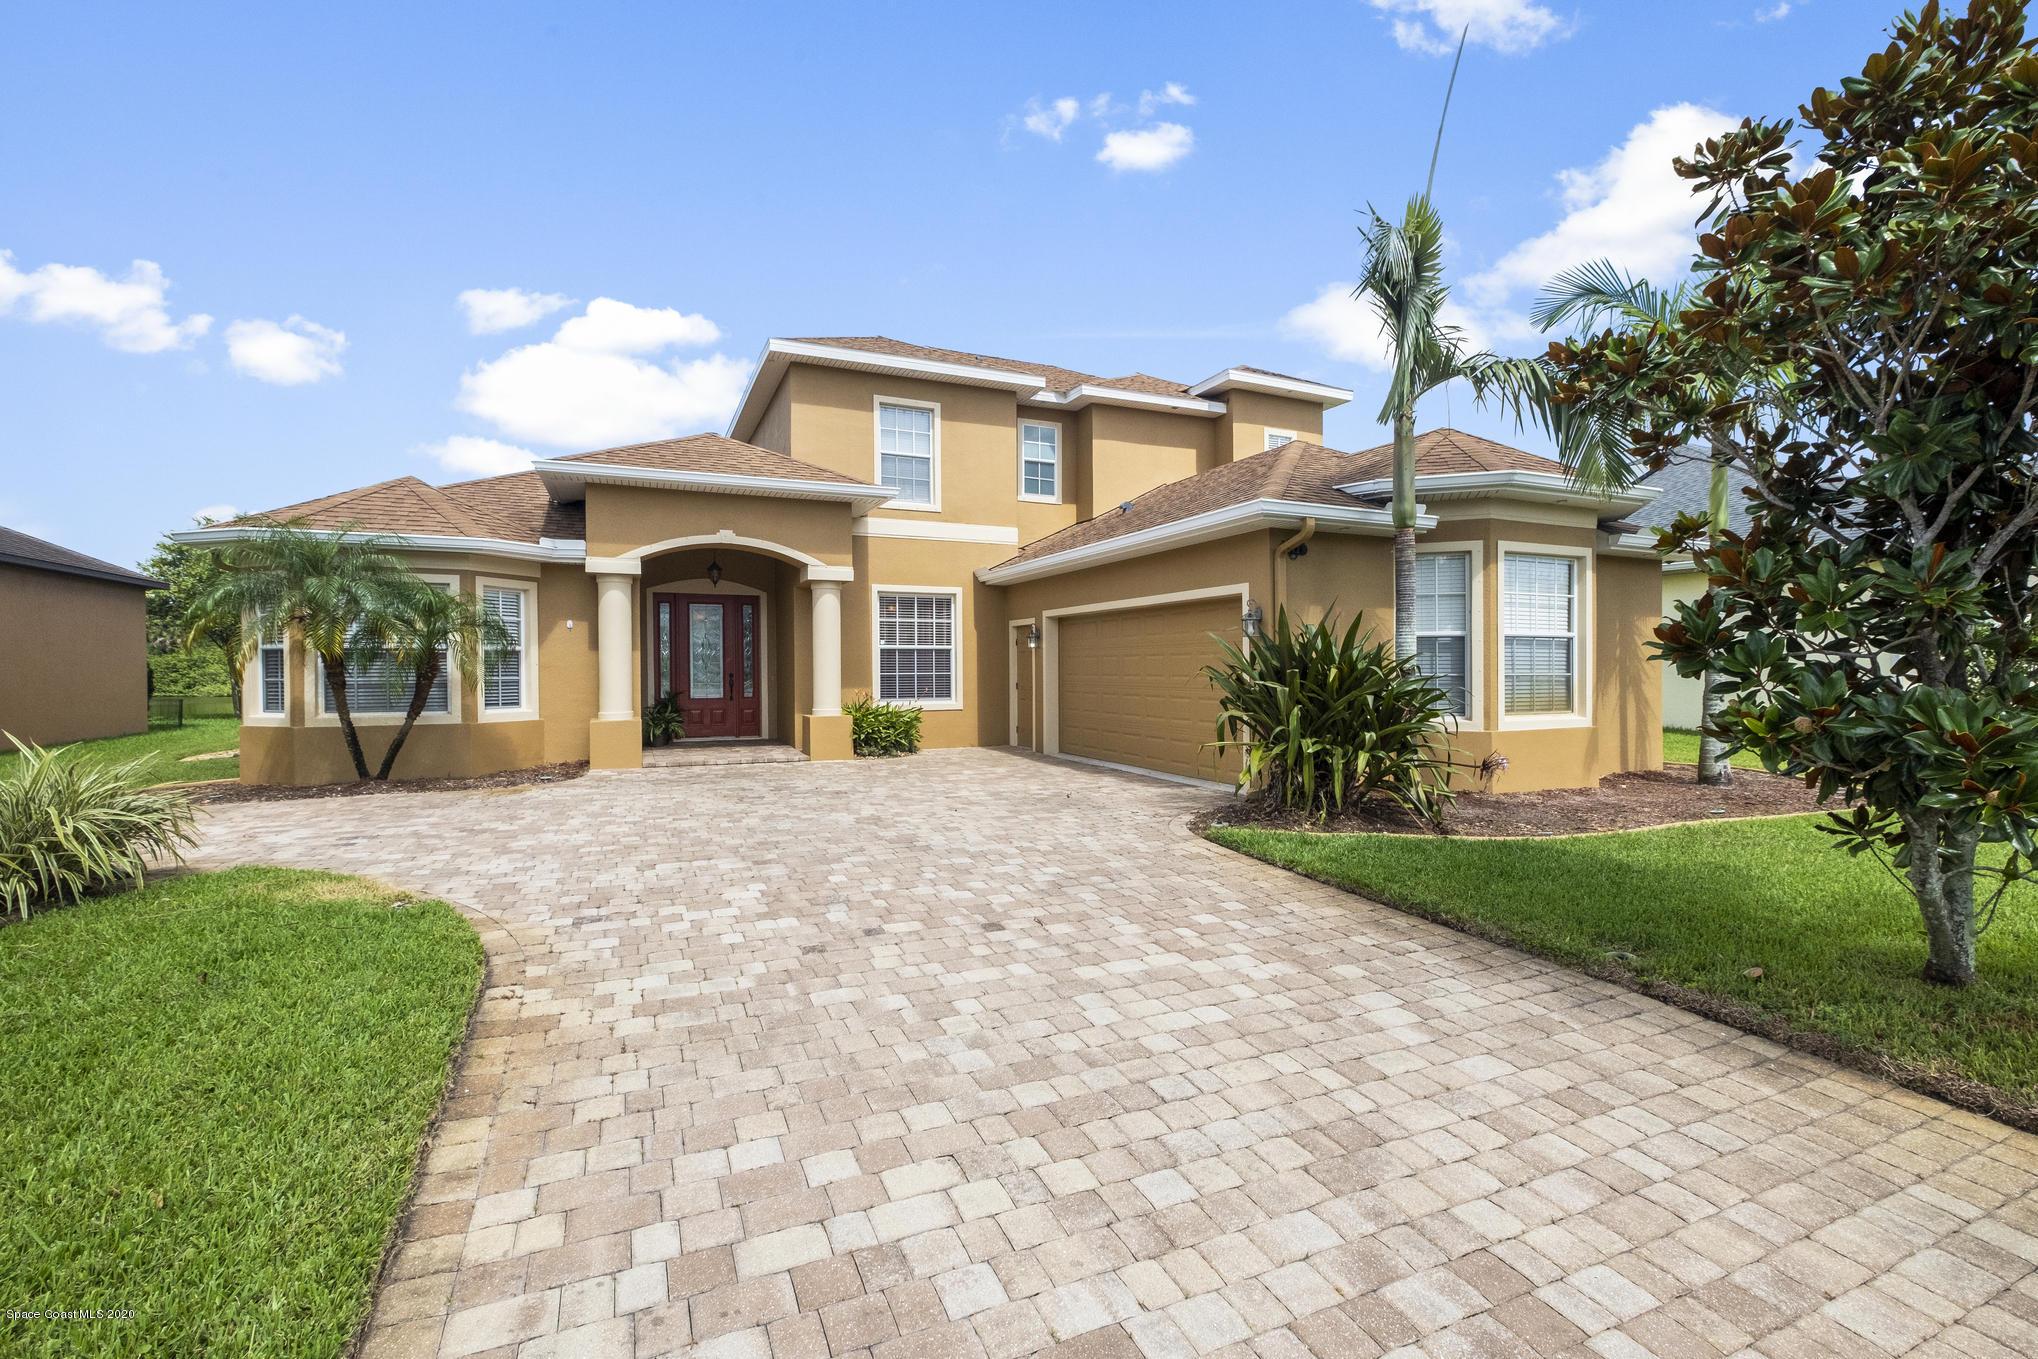 West Melbourne FL Homes for Sale